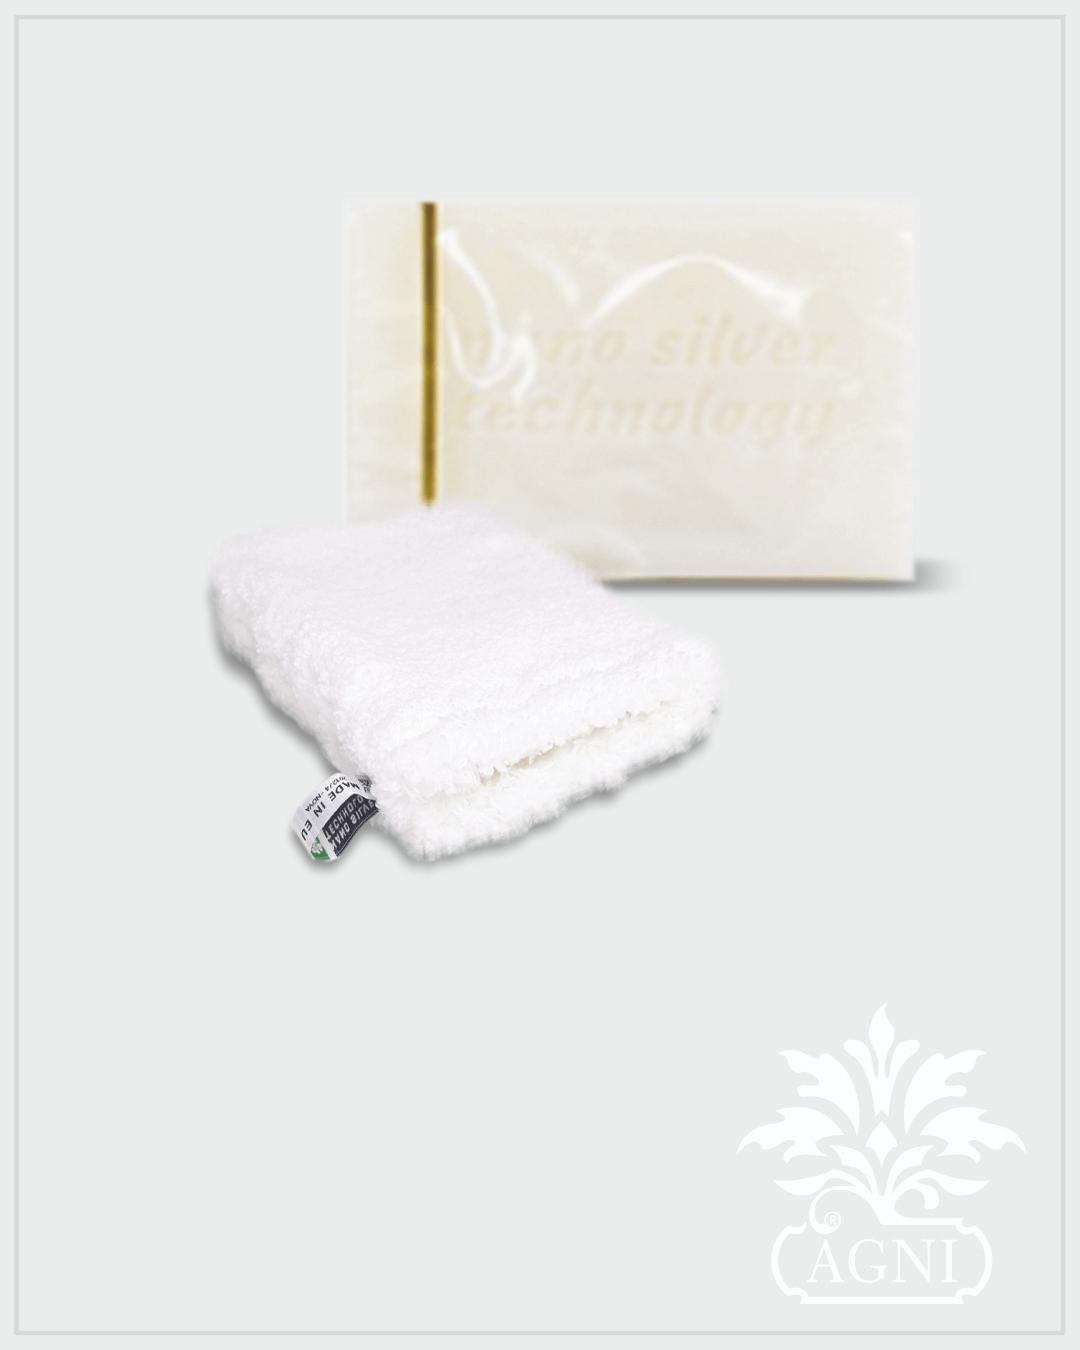 Raypath Nano Silver rinkinys su muilu kūnui ir šluoste makiažui valyti